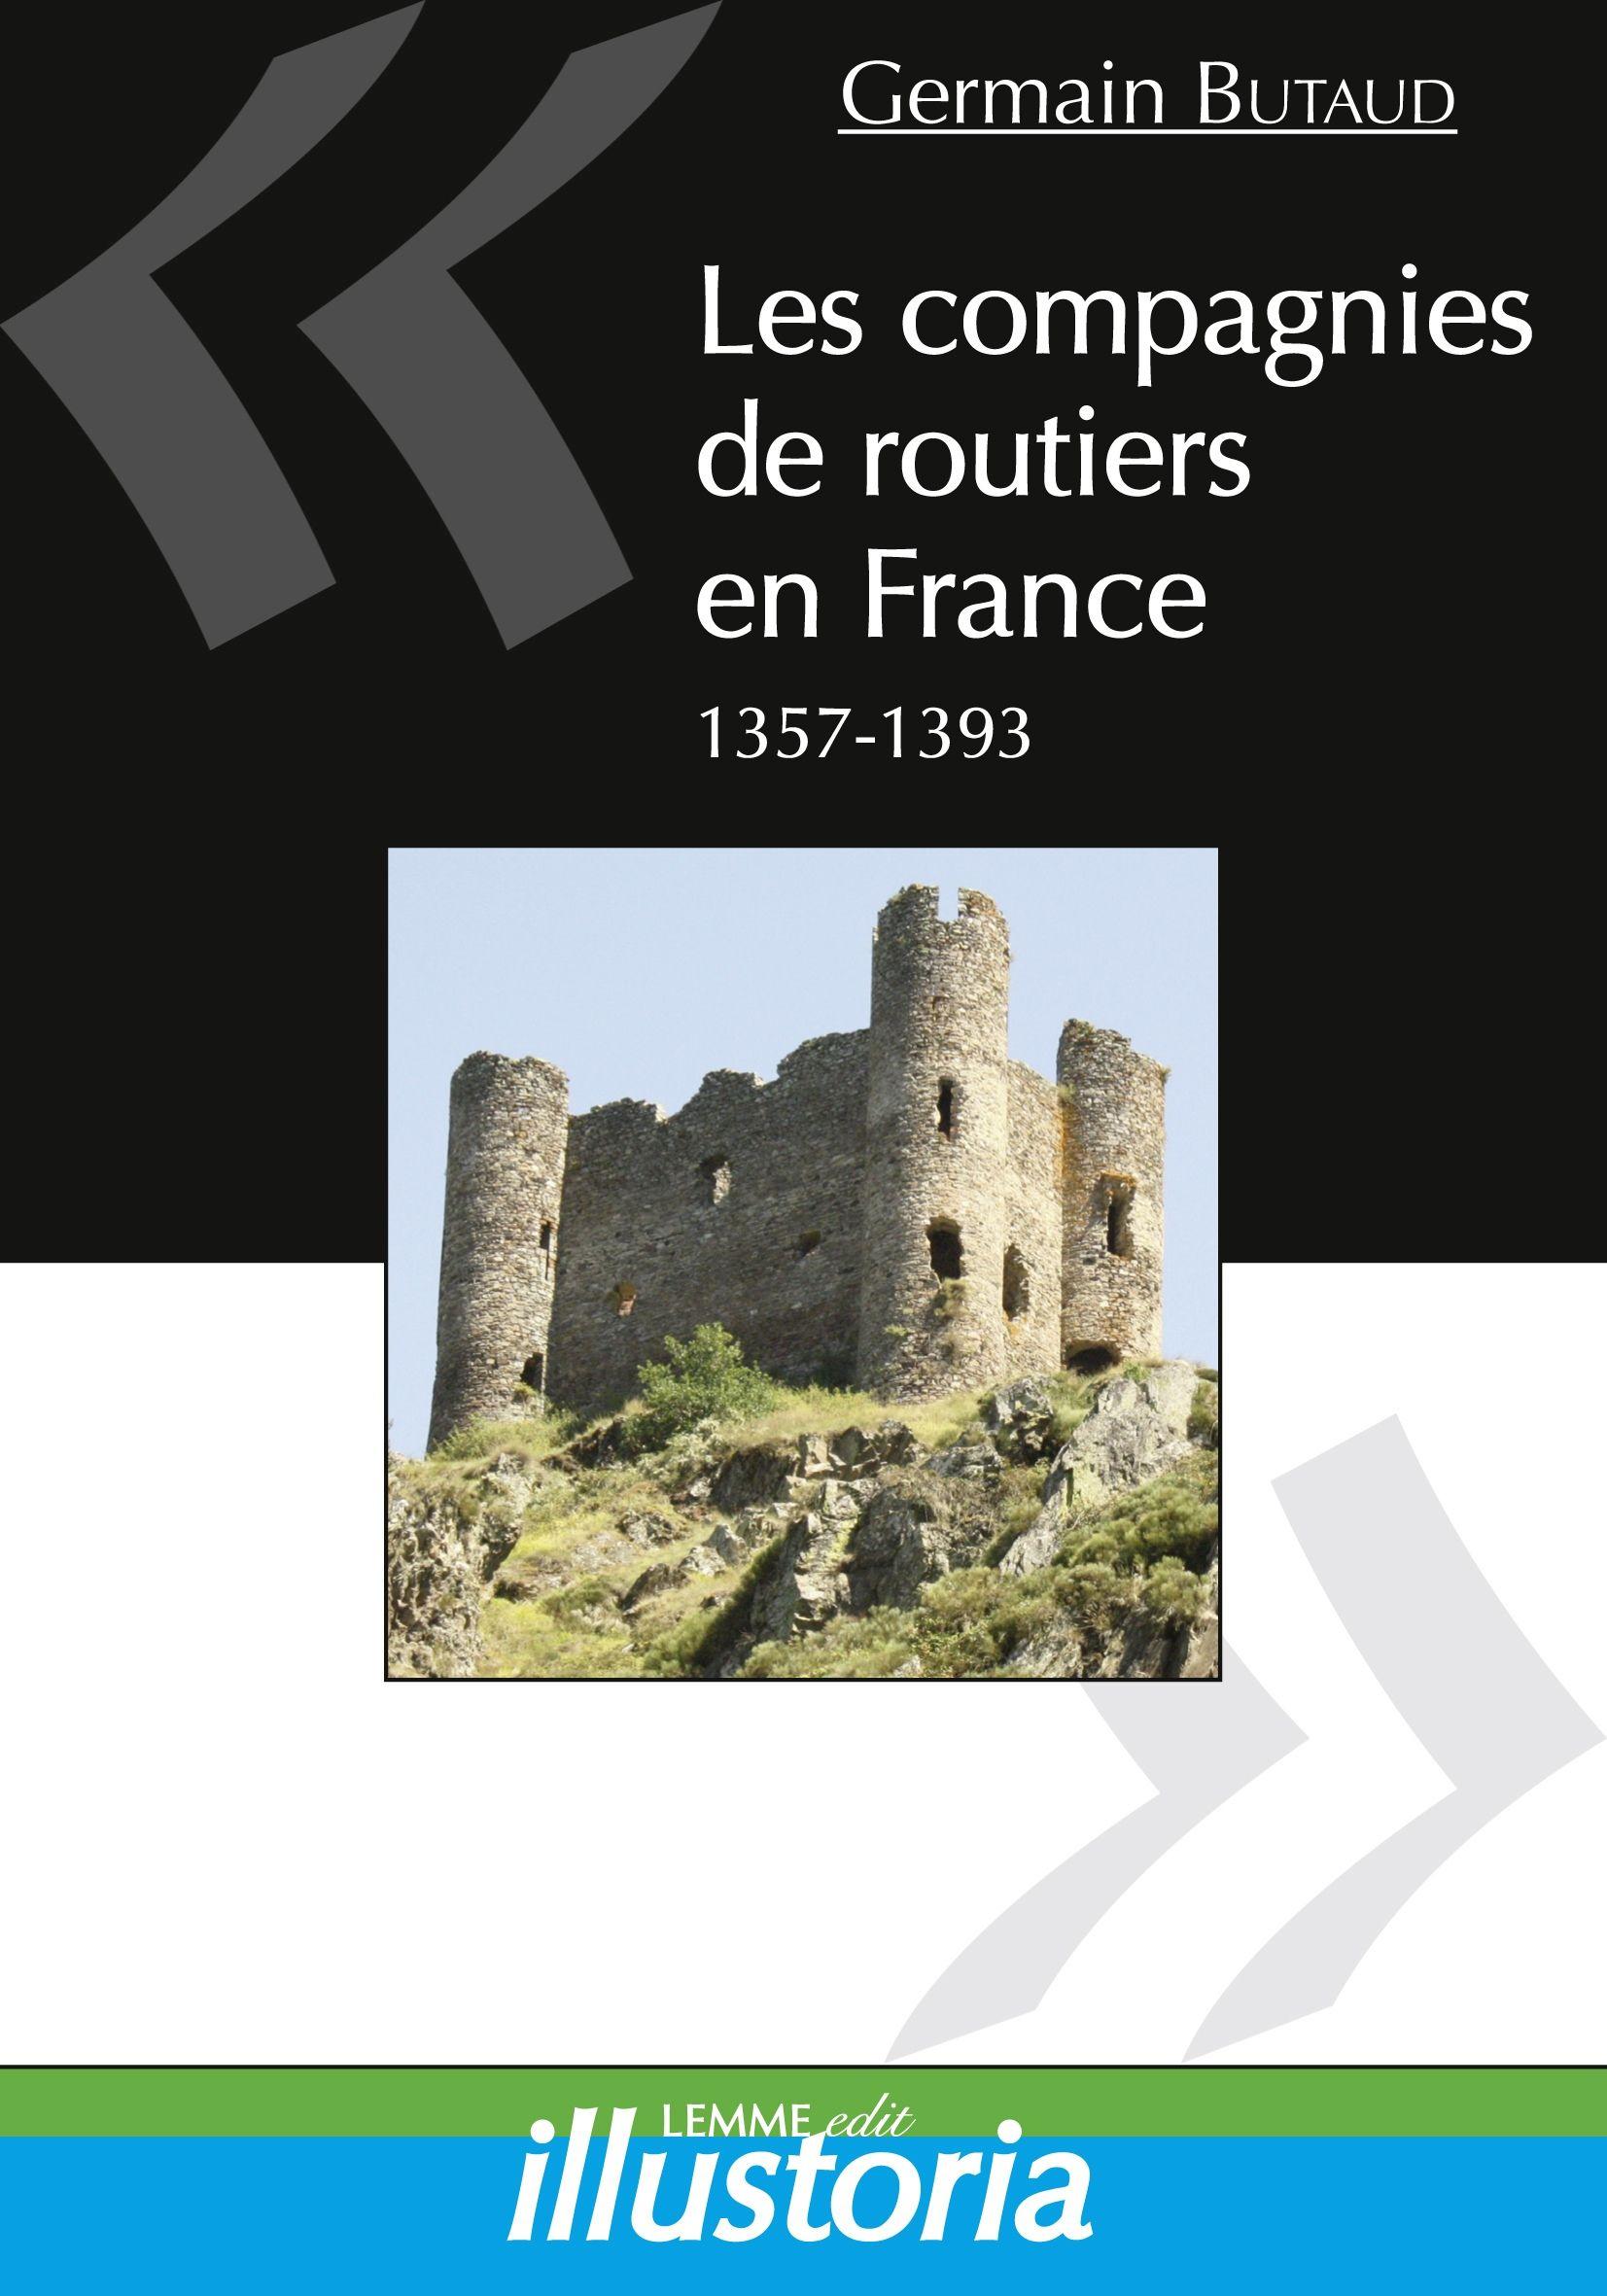 Les compagnies de routiers en France, Germain Butaud, livre d'histoire du Moyen Âge, Guerre de Cent-Ans, mercenaires.